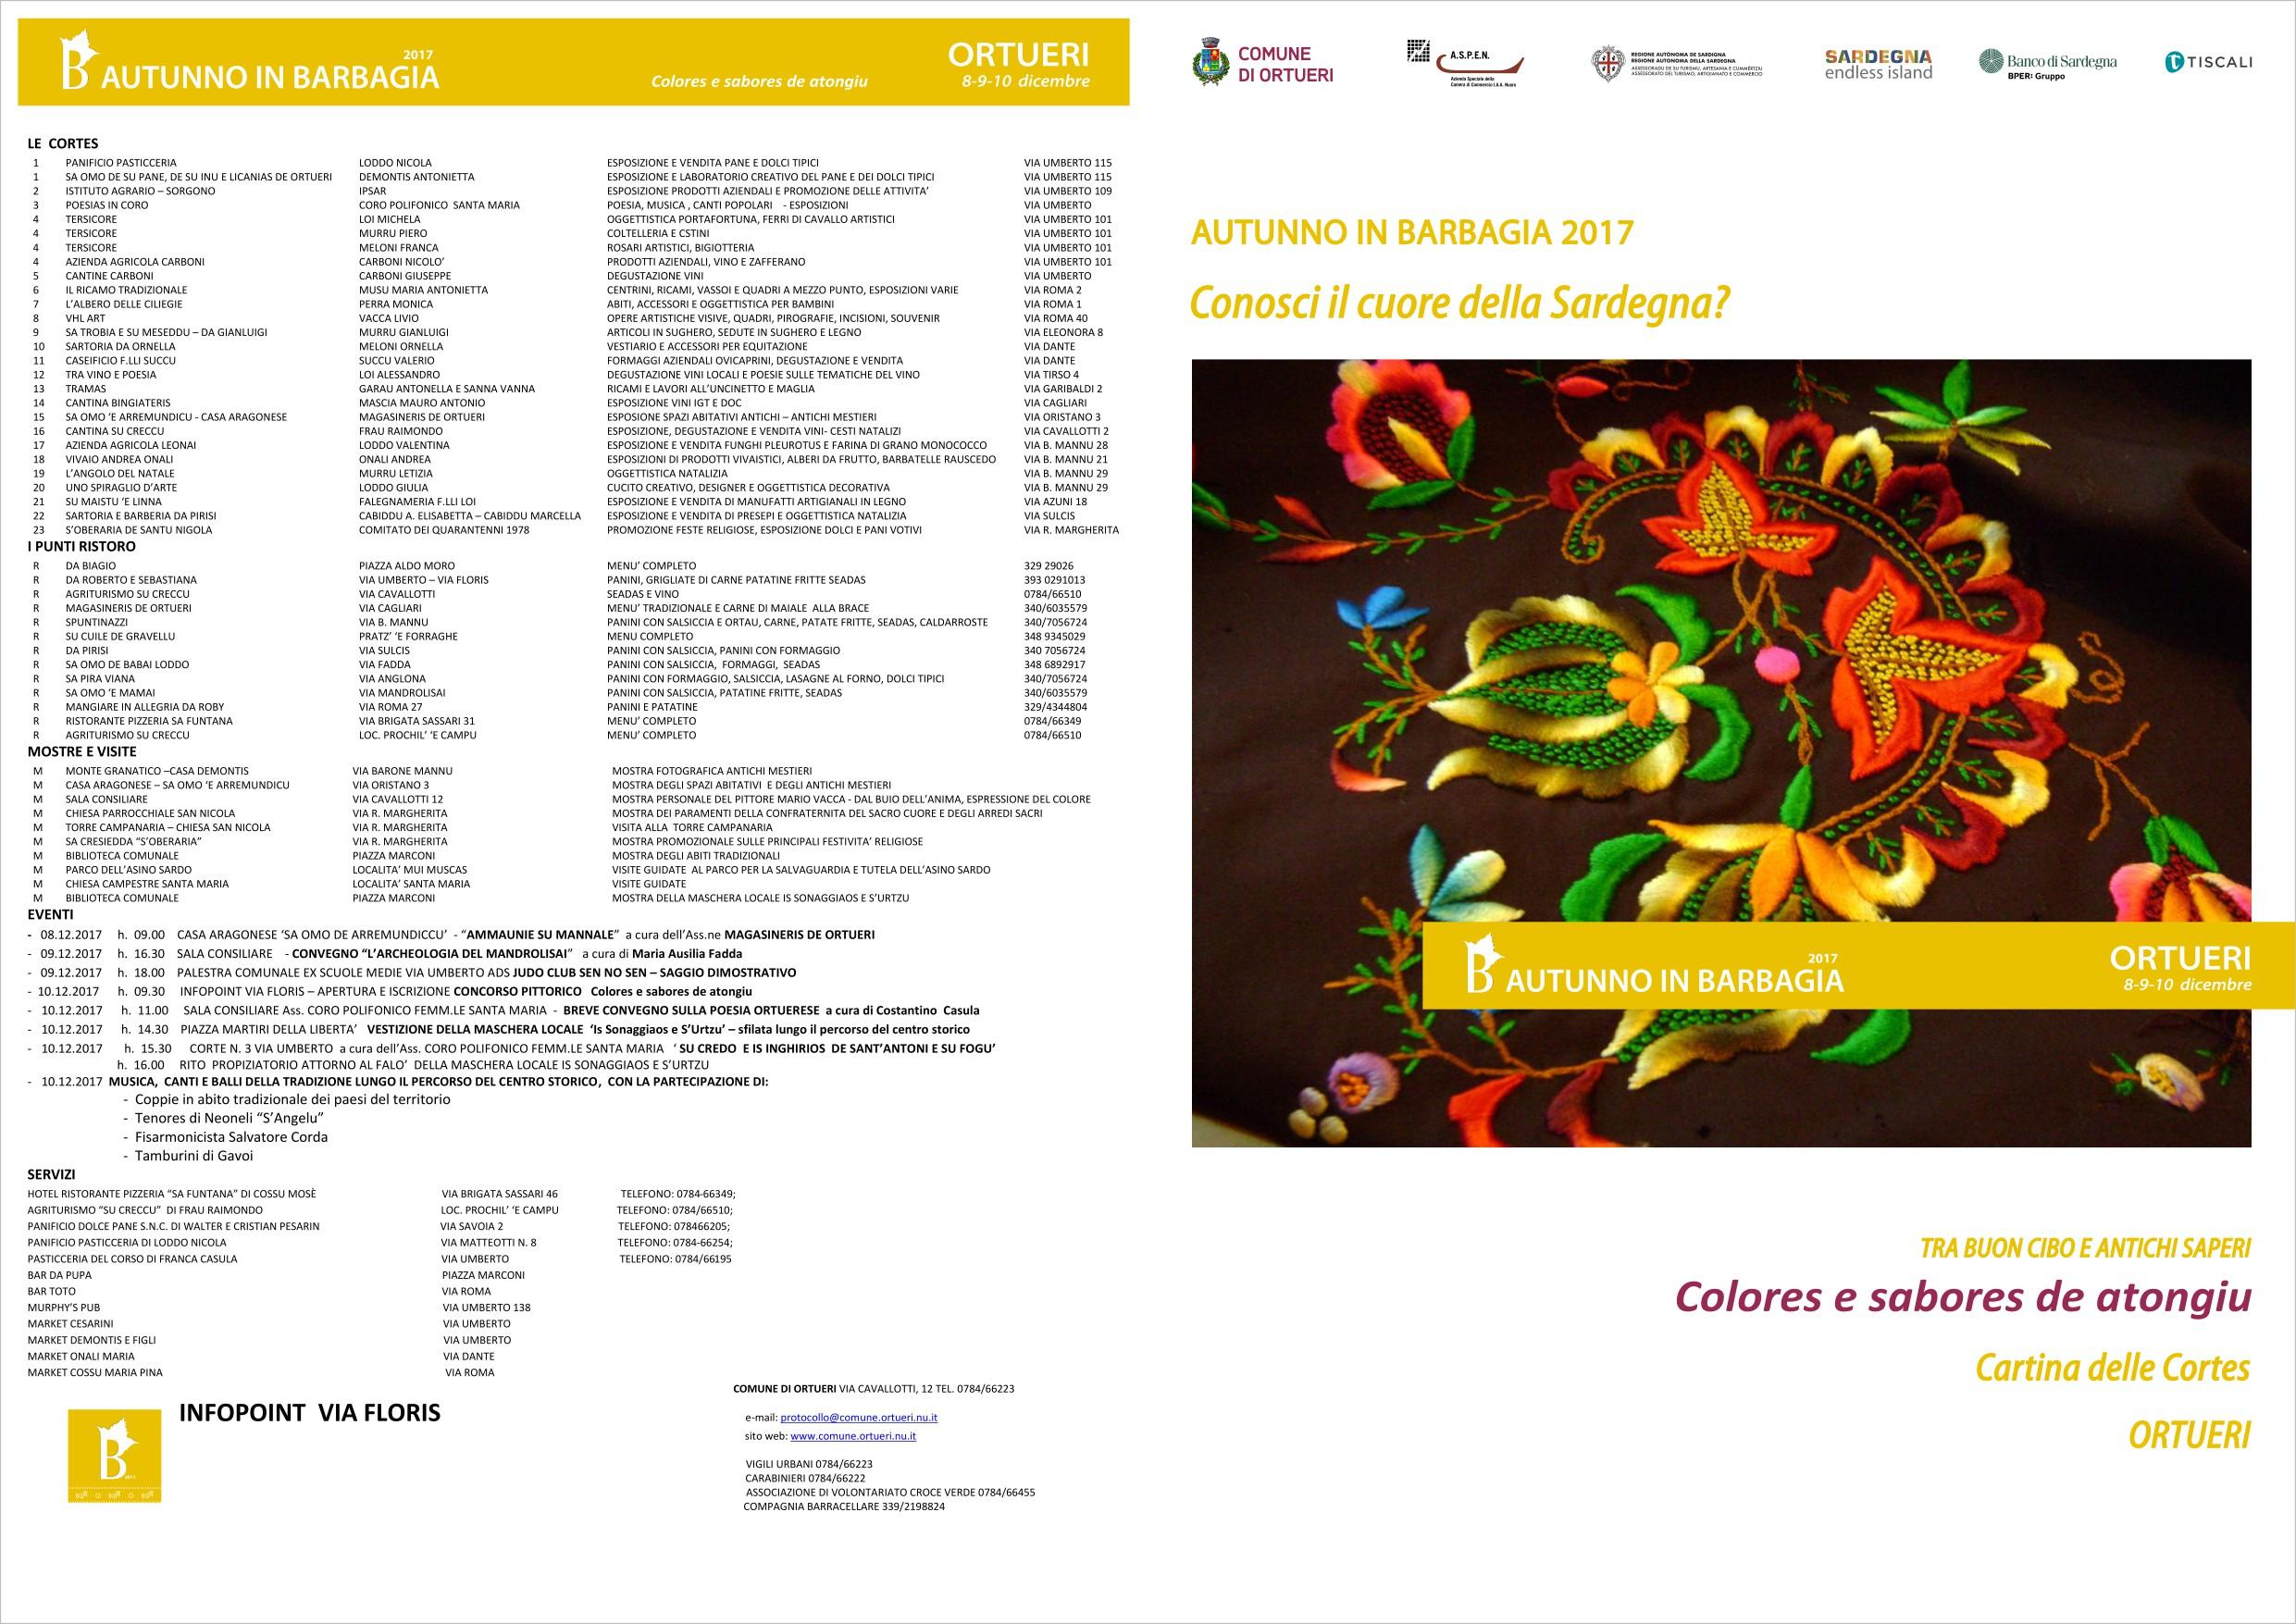 AUTUNNO IN BARBAGIA 2017    MAPPA DELLE CORTES   'Colores e sabores de atongiu'